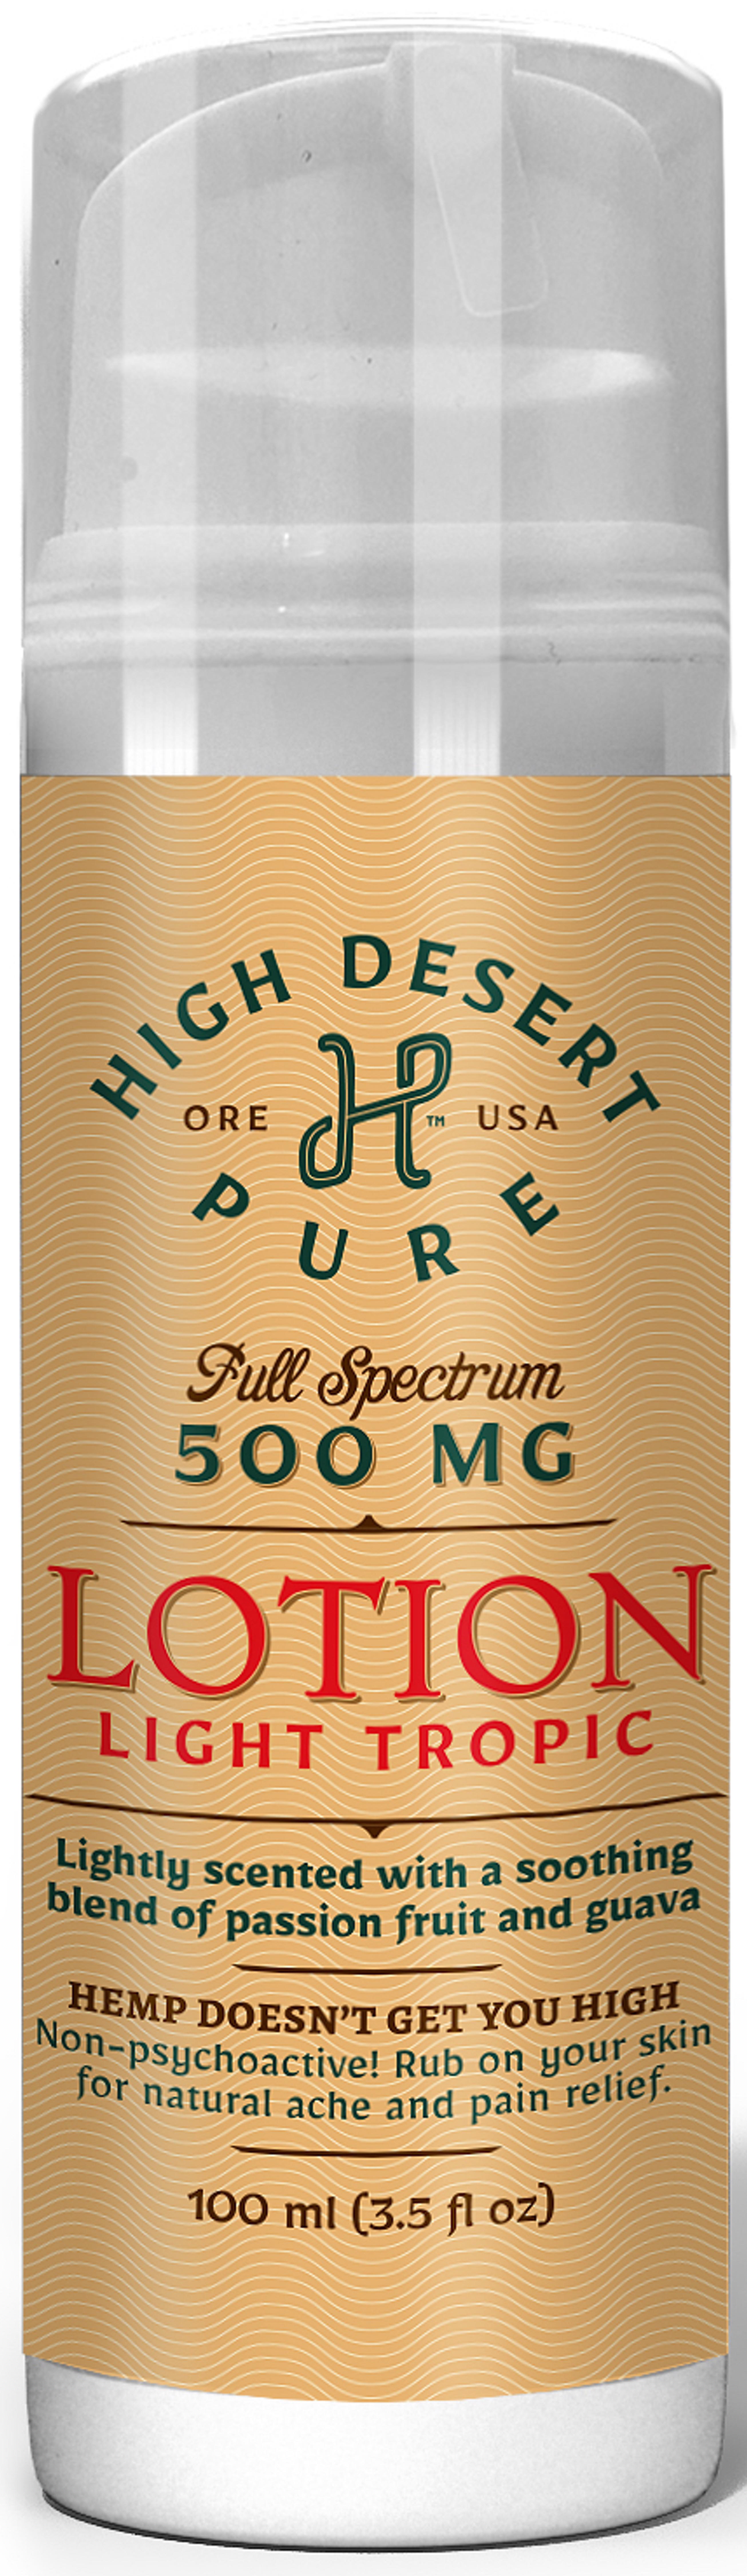 500mg Hemp Infused Lotion - Full Spectrum